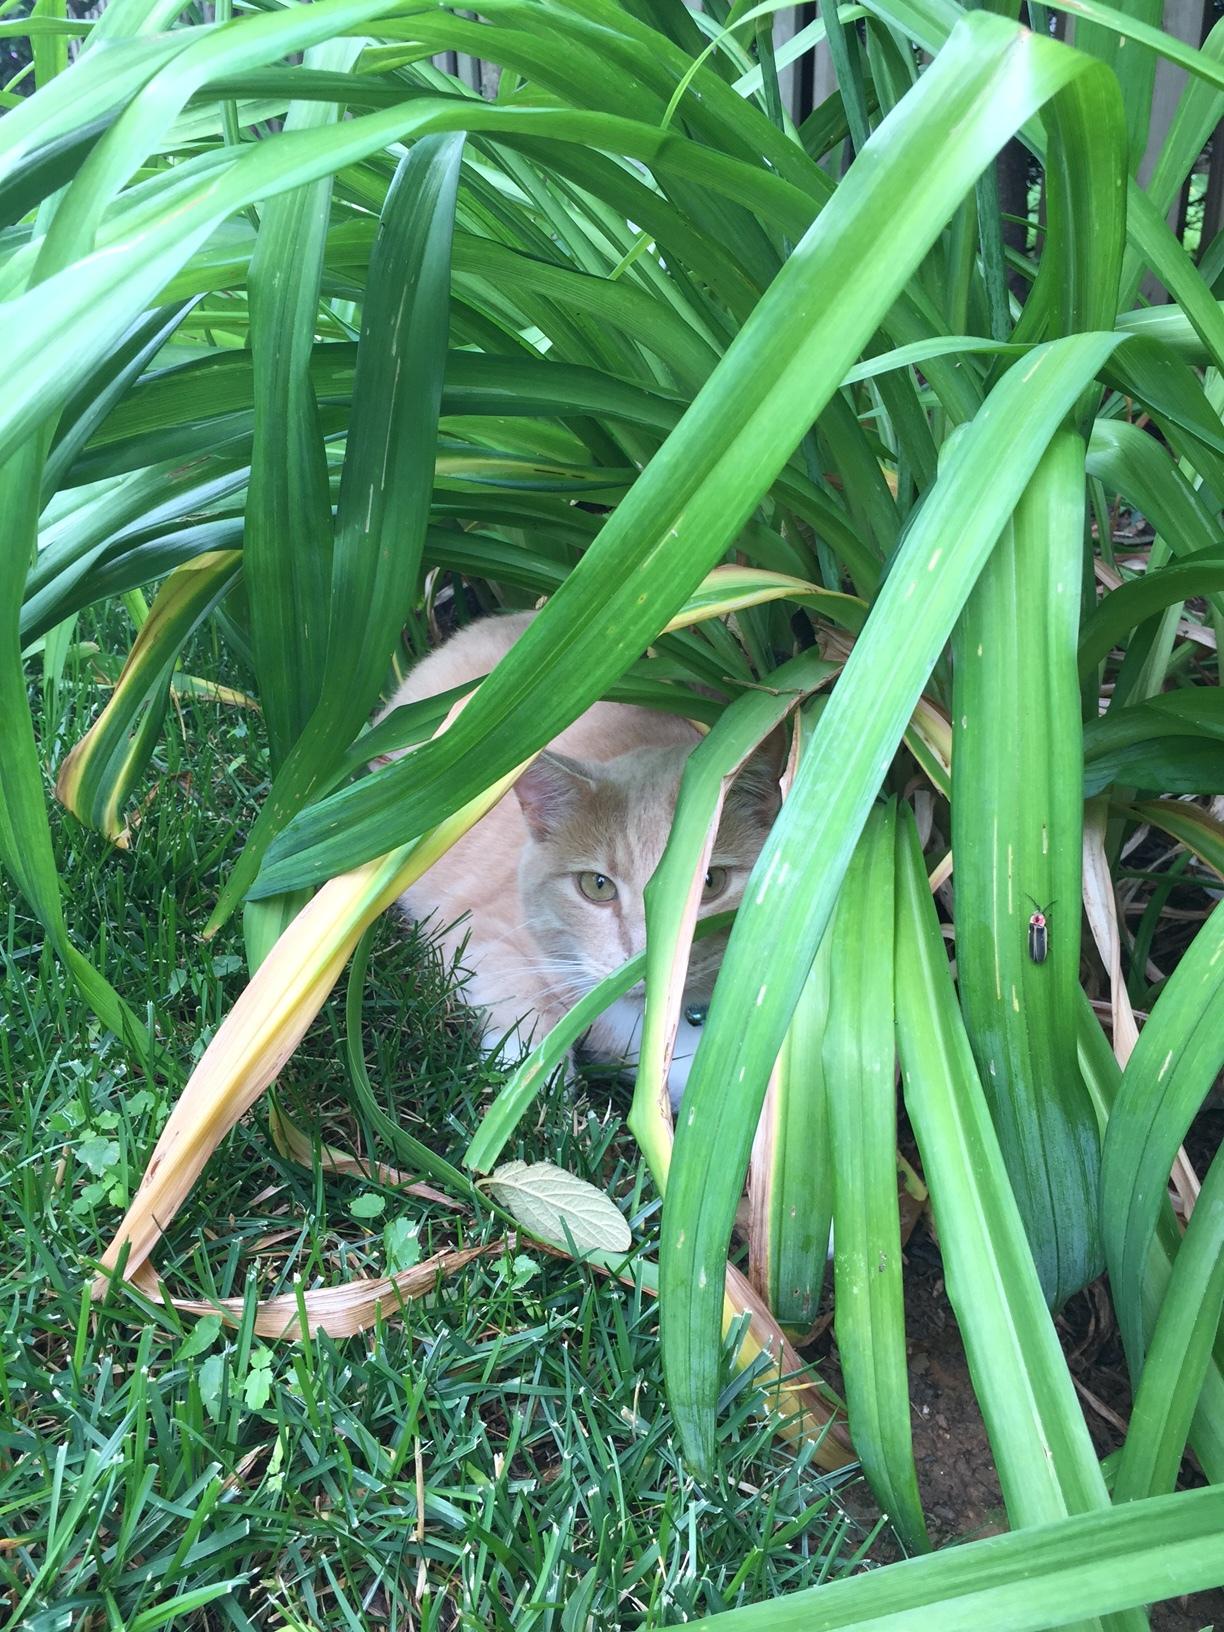 He thinks he's totally hidden